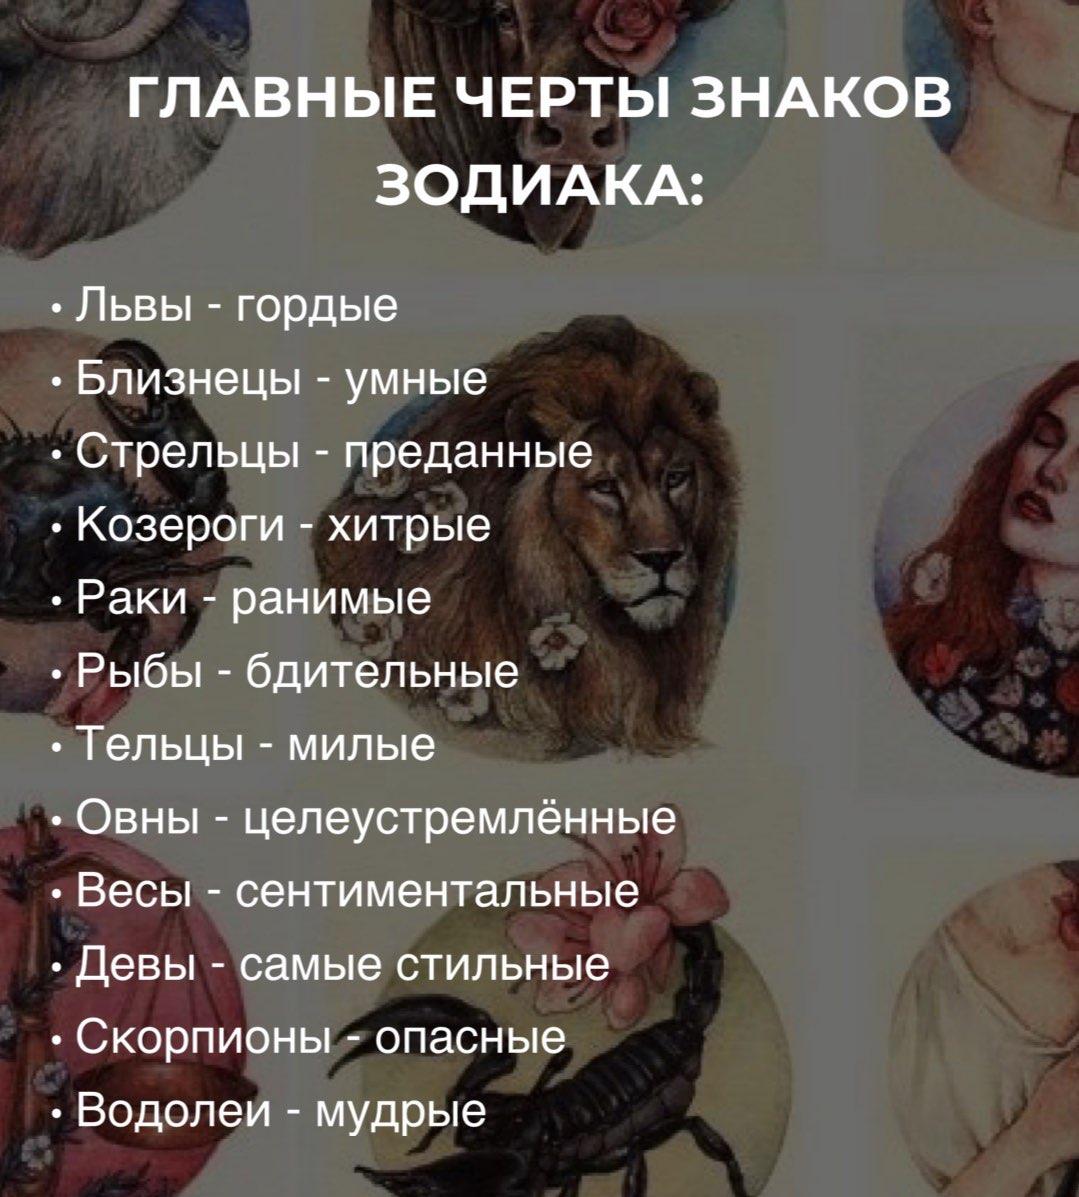 Знаки зодиака отдельные картинки если